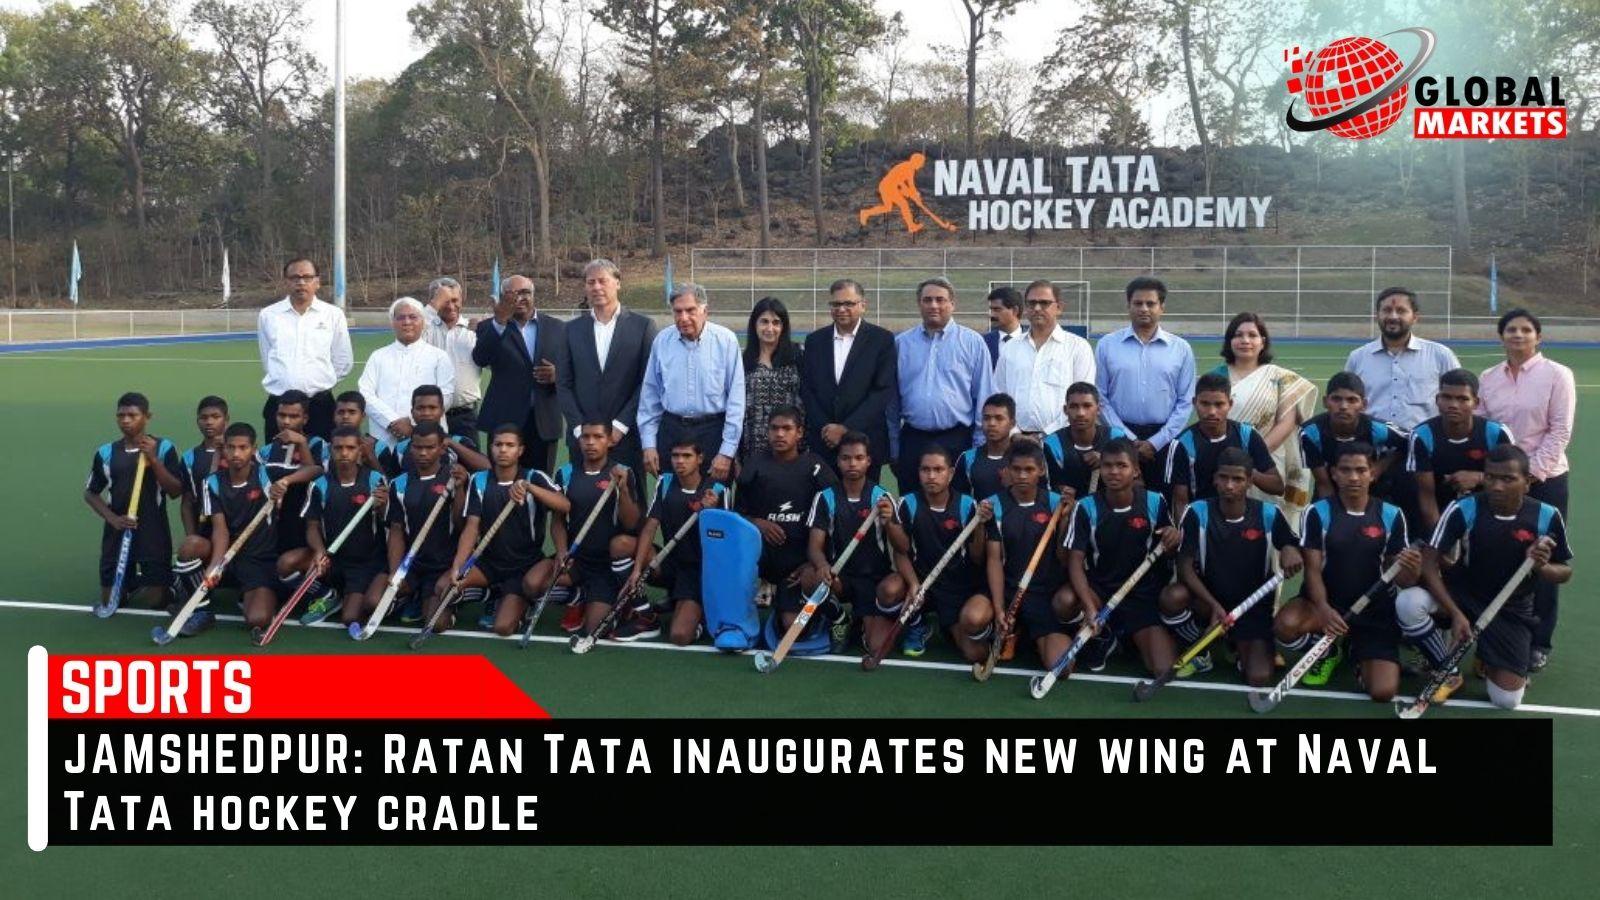 Ratan Tata inaugurates new wing at Naval Tata hockey cradle